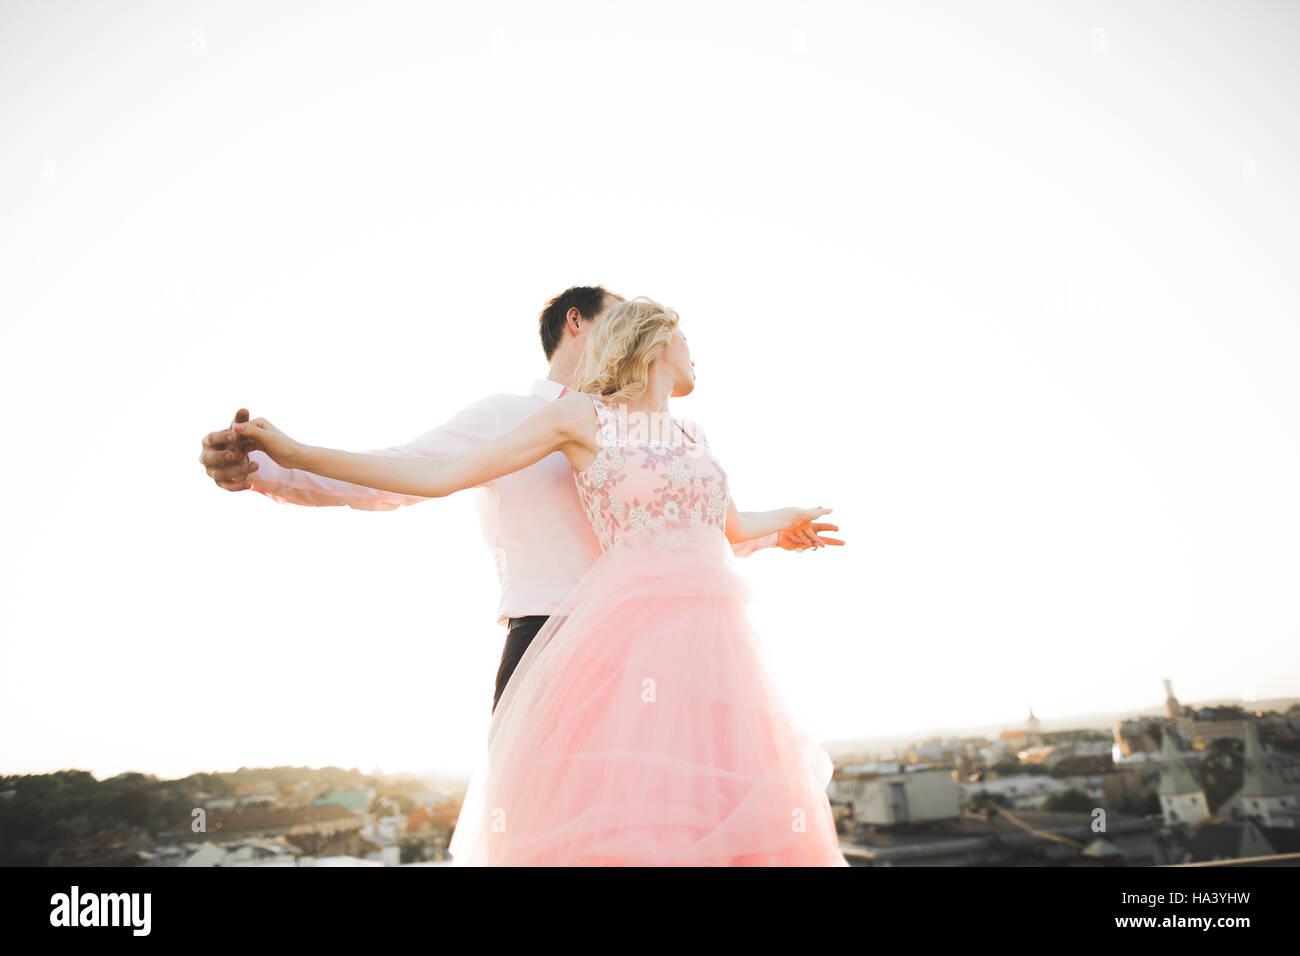 Junges Paar in Liebe posiert auf dem Dach mit Blick auf die perfekte Stadt Hand in Hand und umarmt. Schöner Stockbild